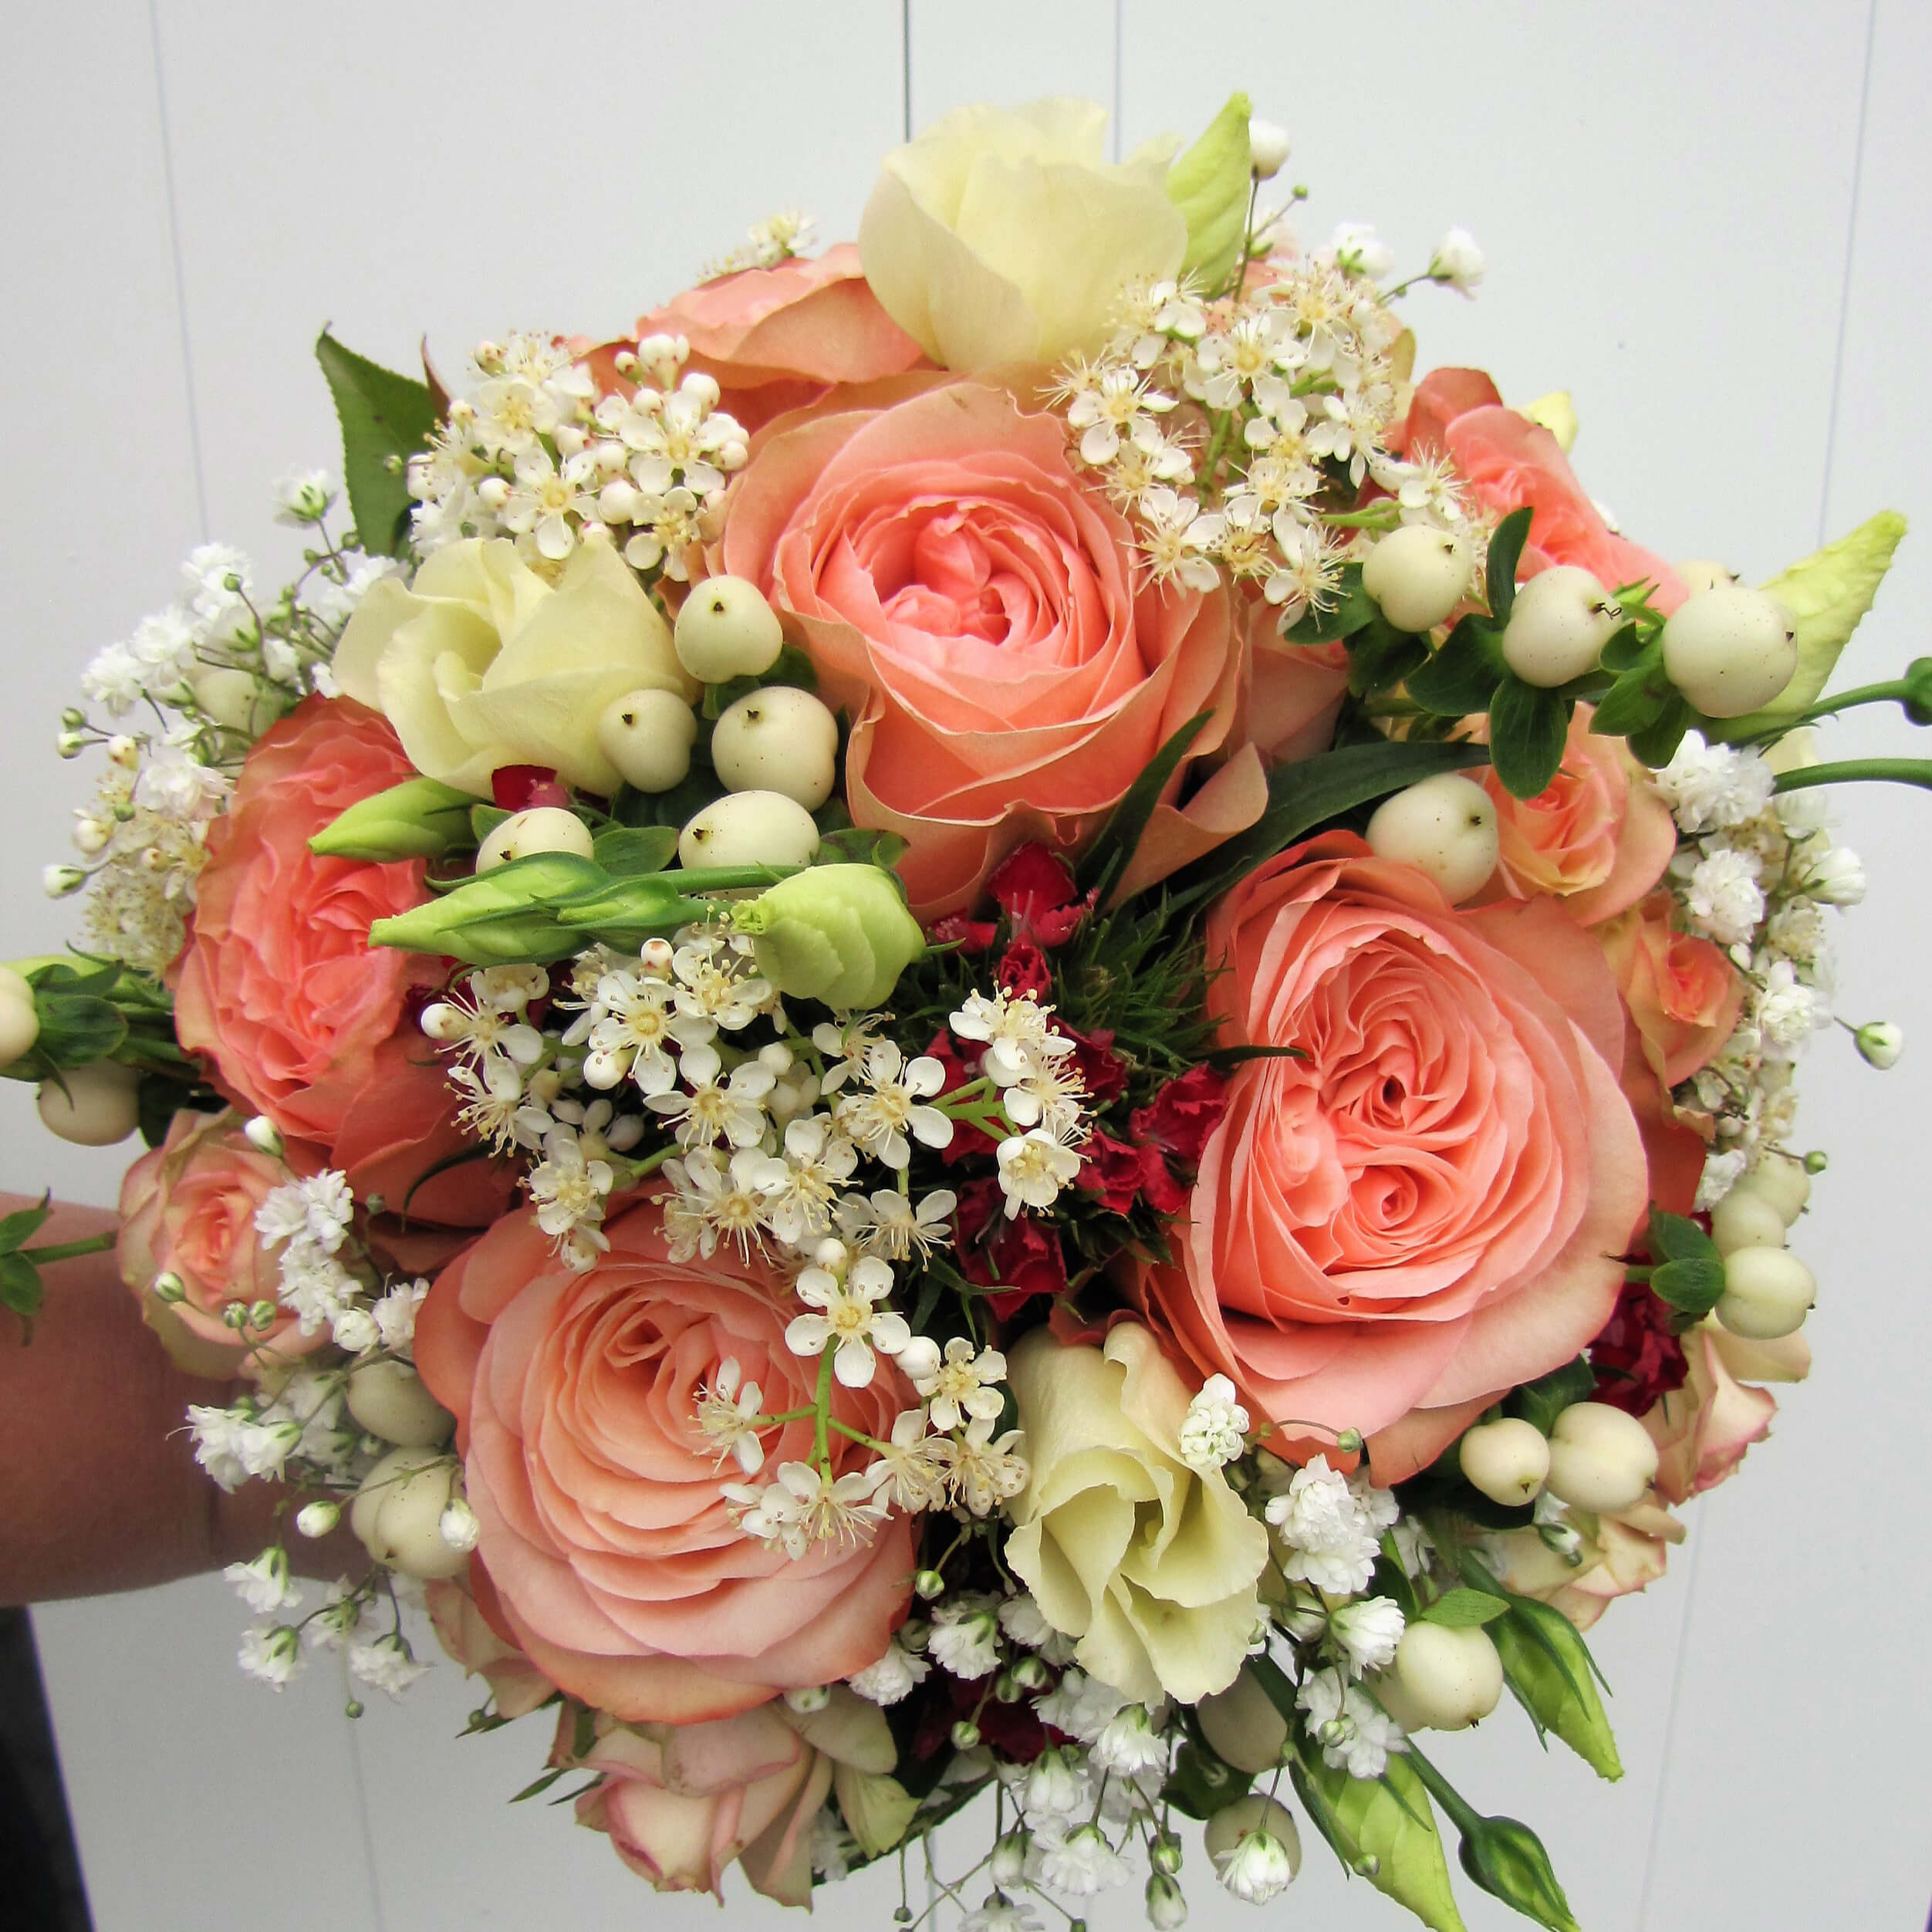 Brautstrauss Beispiele Fur Den Blumenstrauss Zur Hochzeit 6